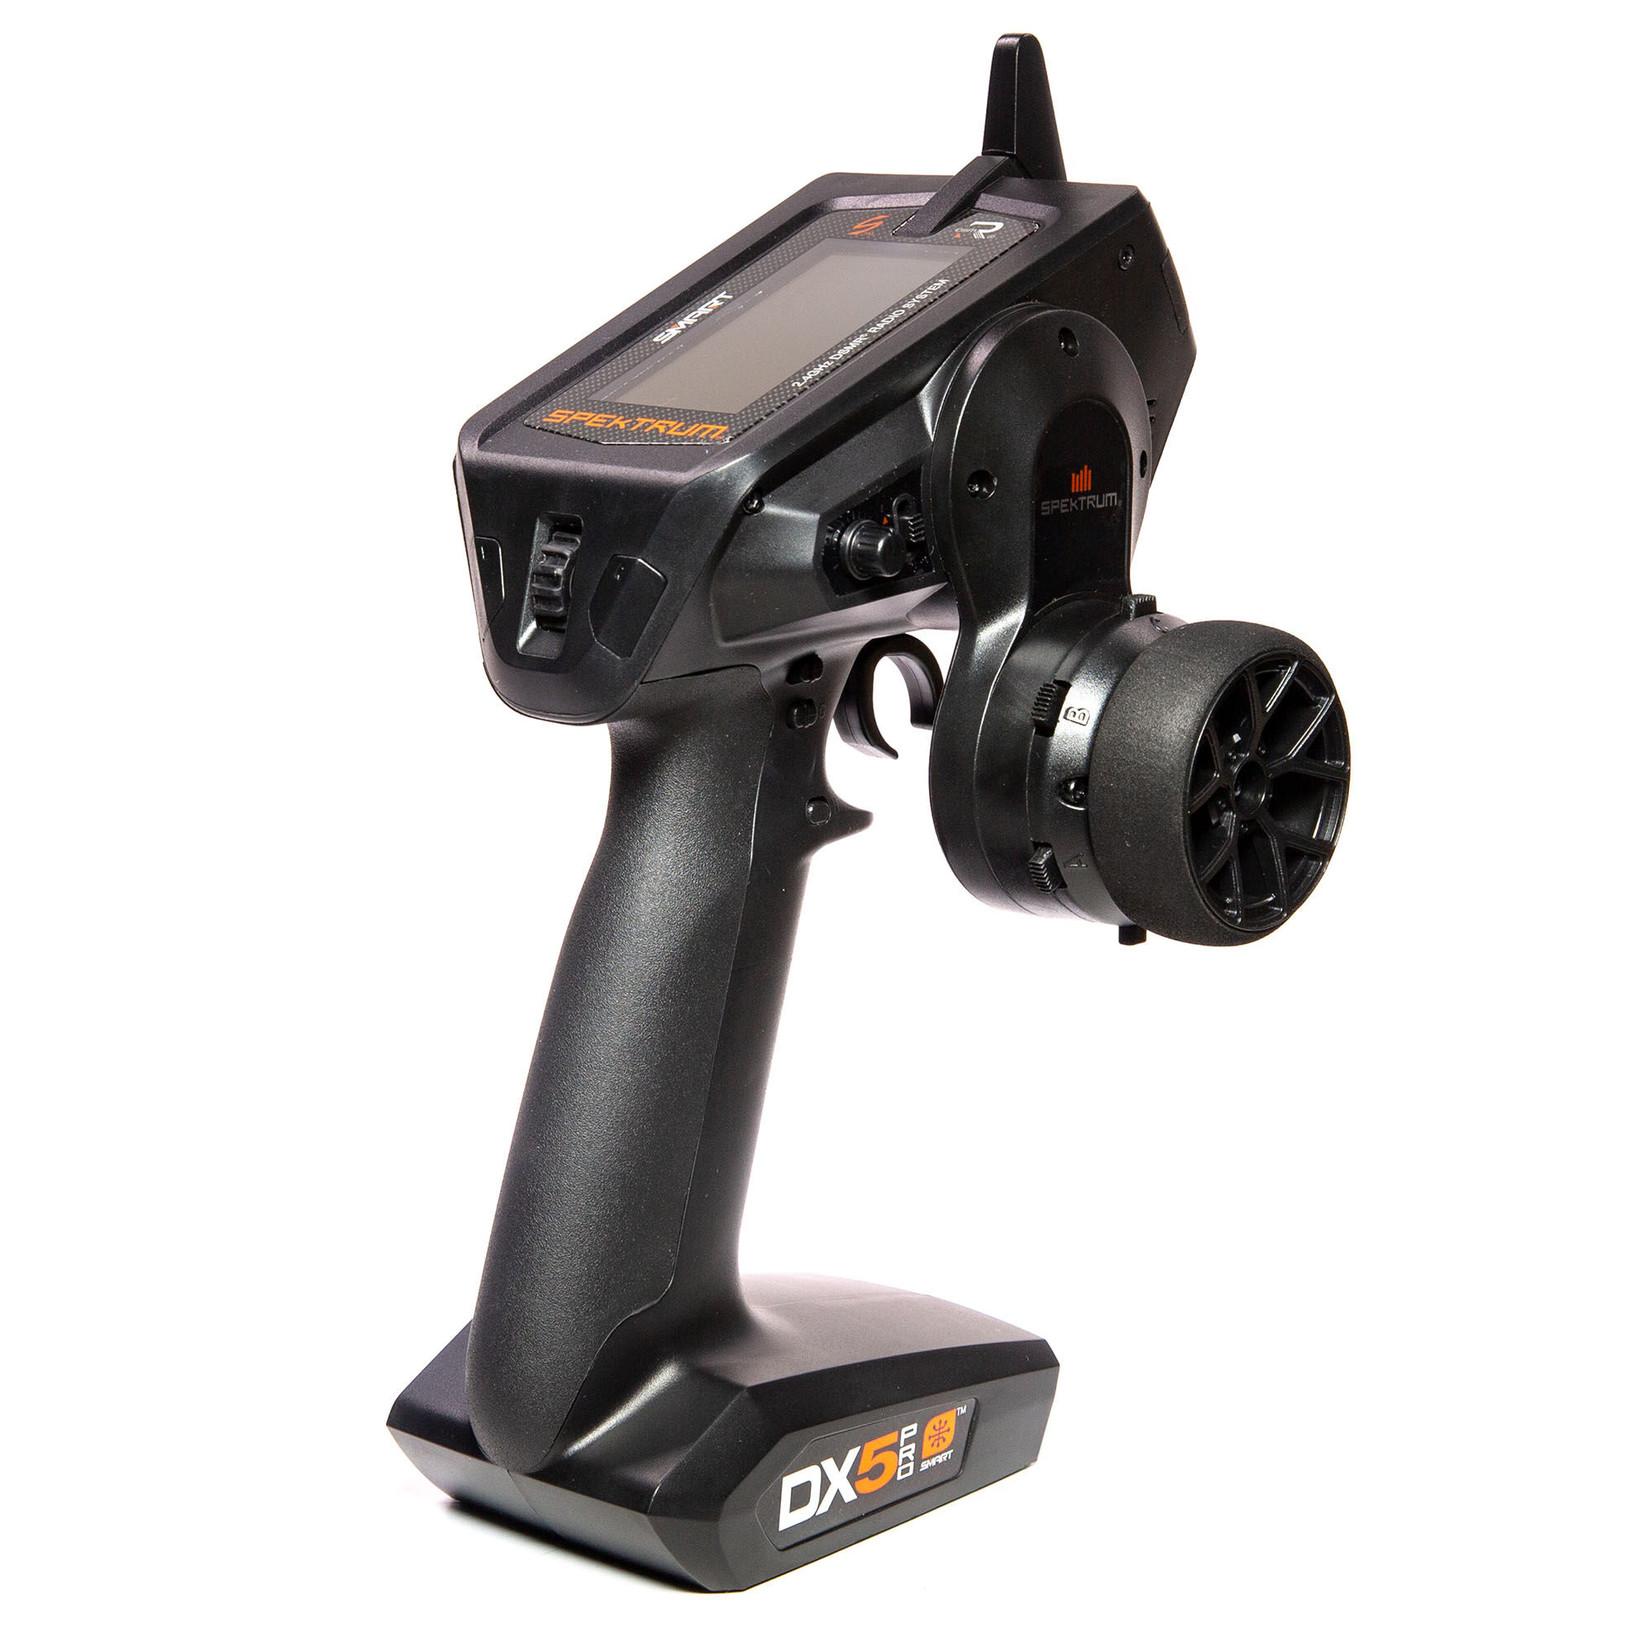 Spektrum SPMR5025 Spektrum DX5 Pro 2021 5-Channel DSMR Transmitter Only